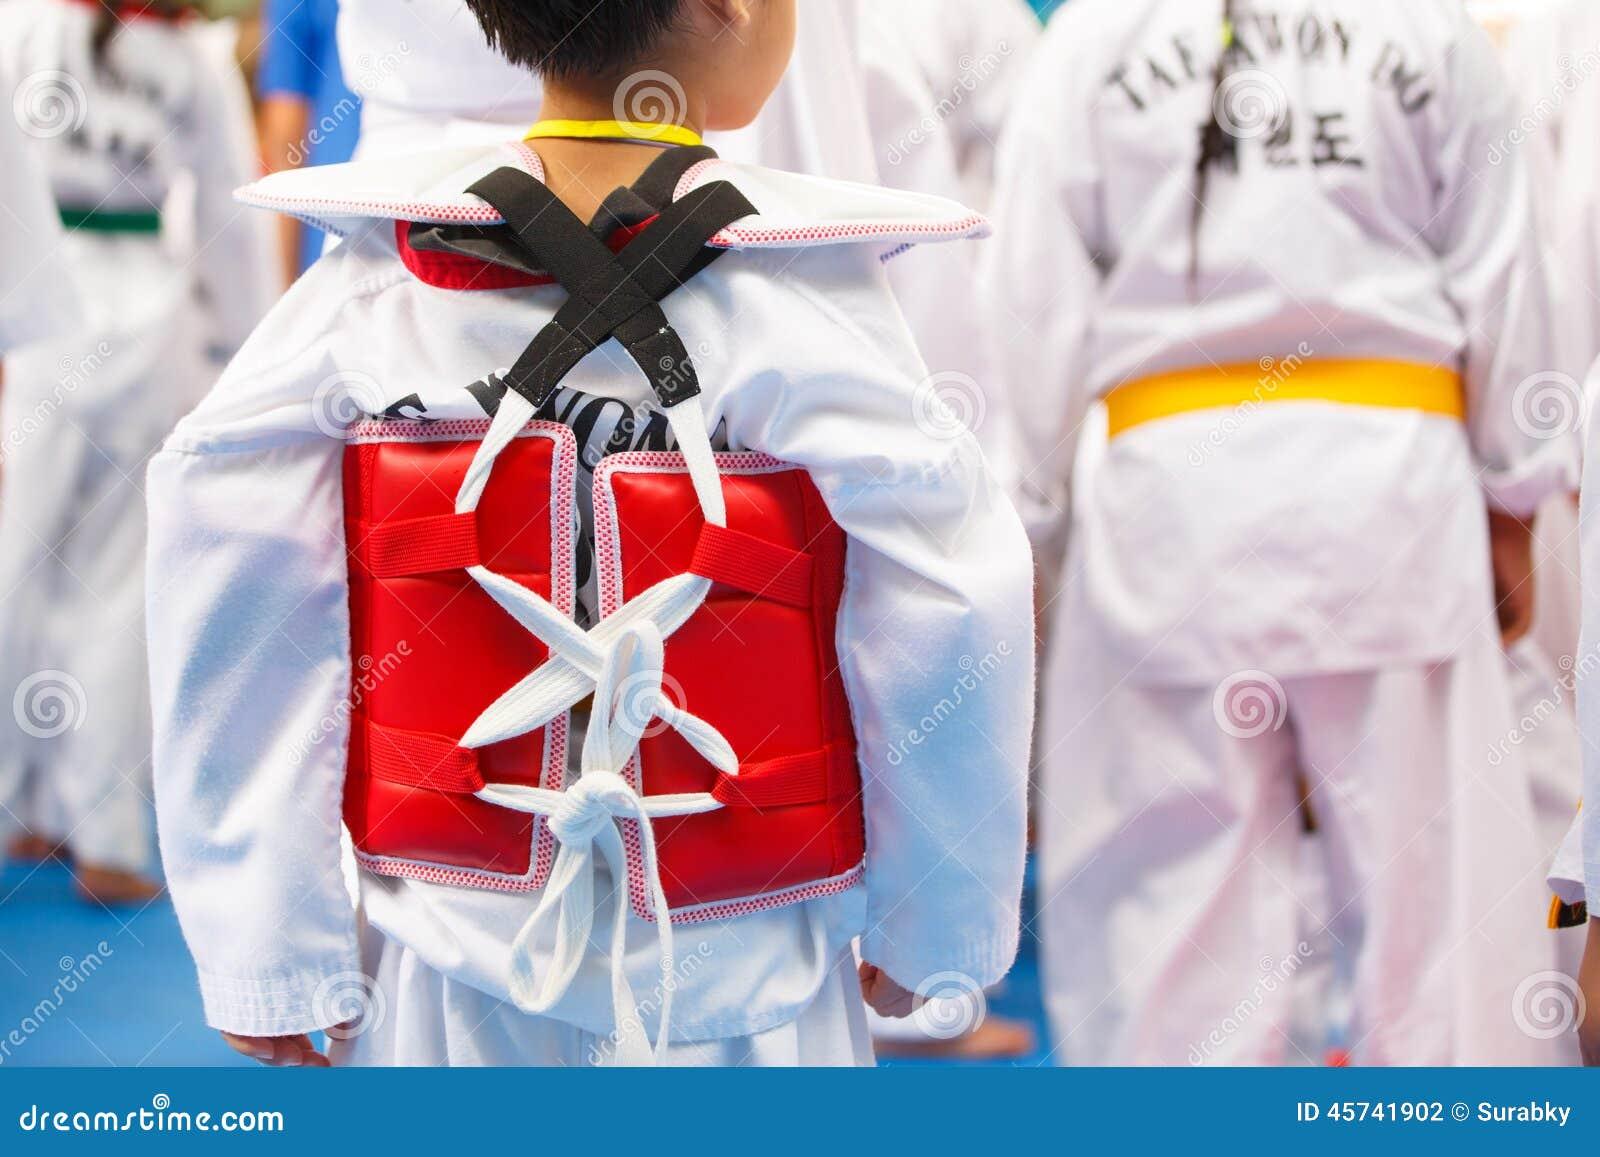 白色制服的跆拳道运动员有装甲的